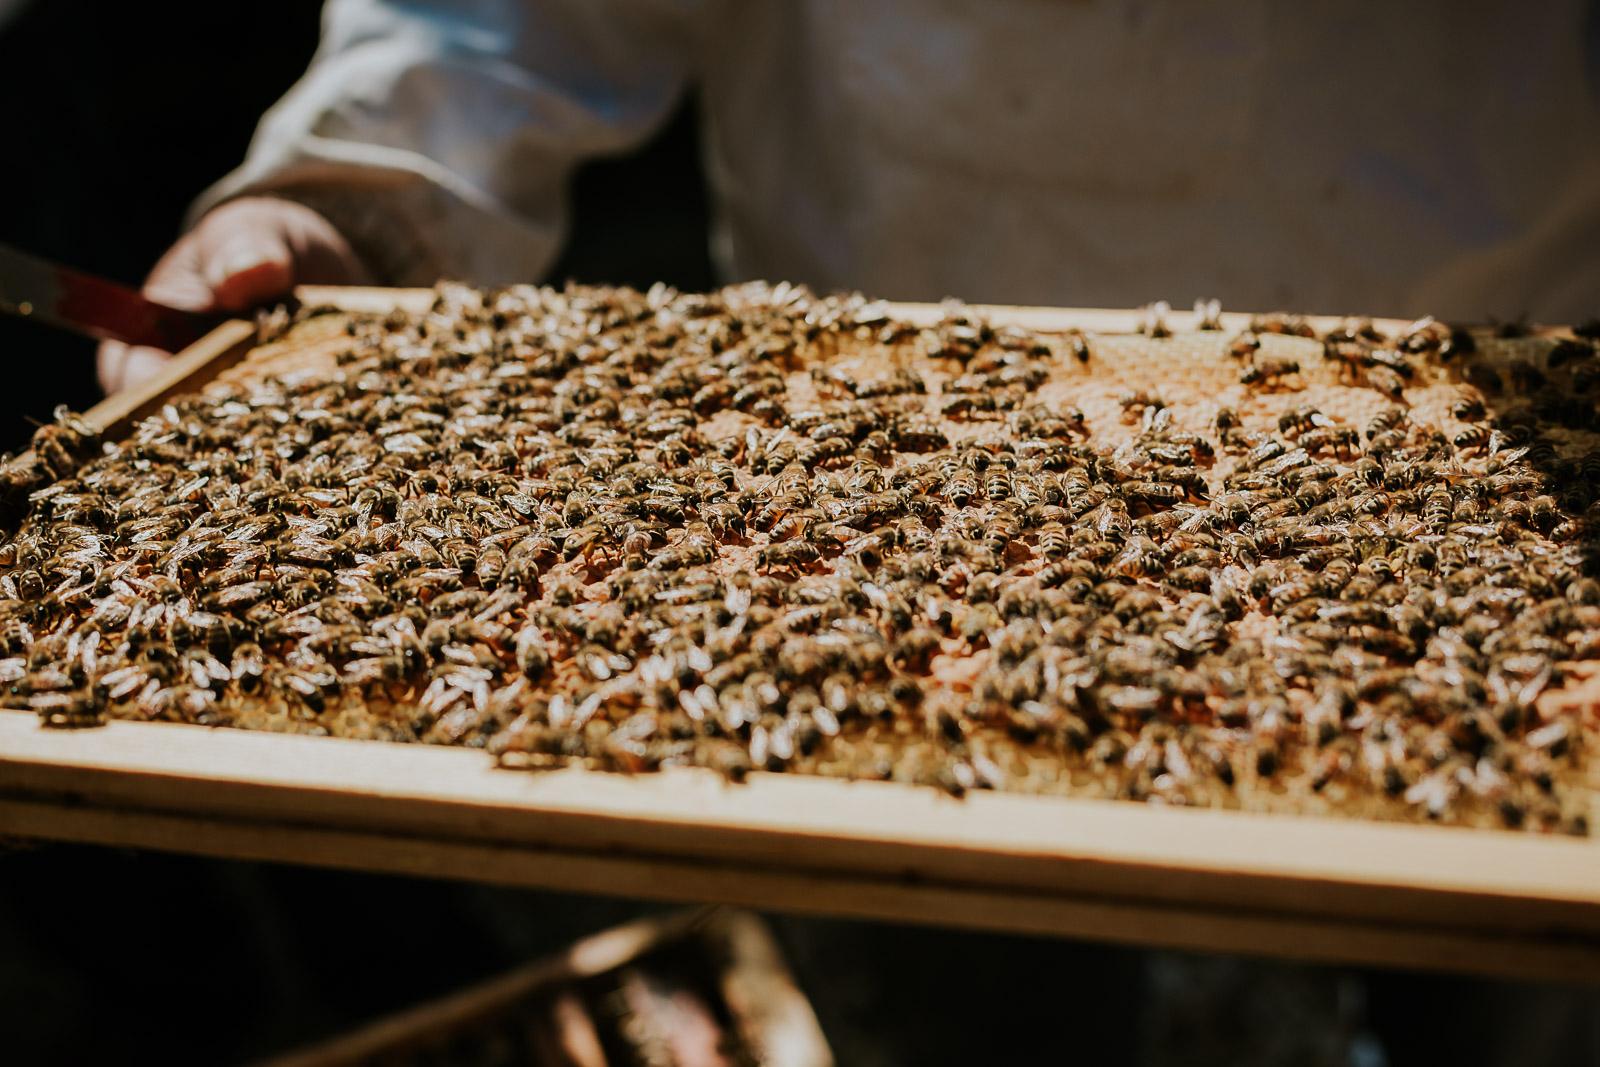 bd-bees-26